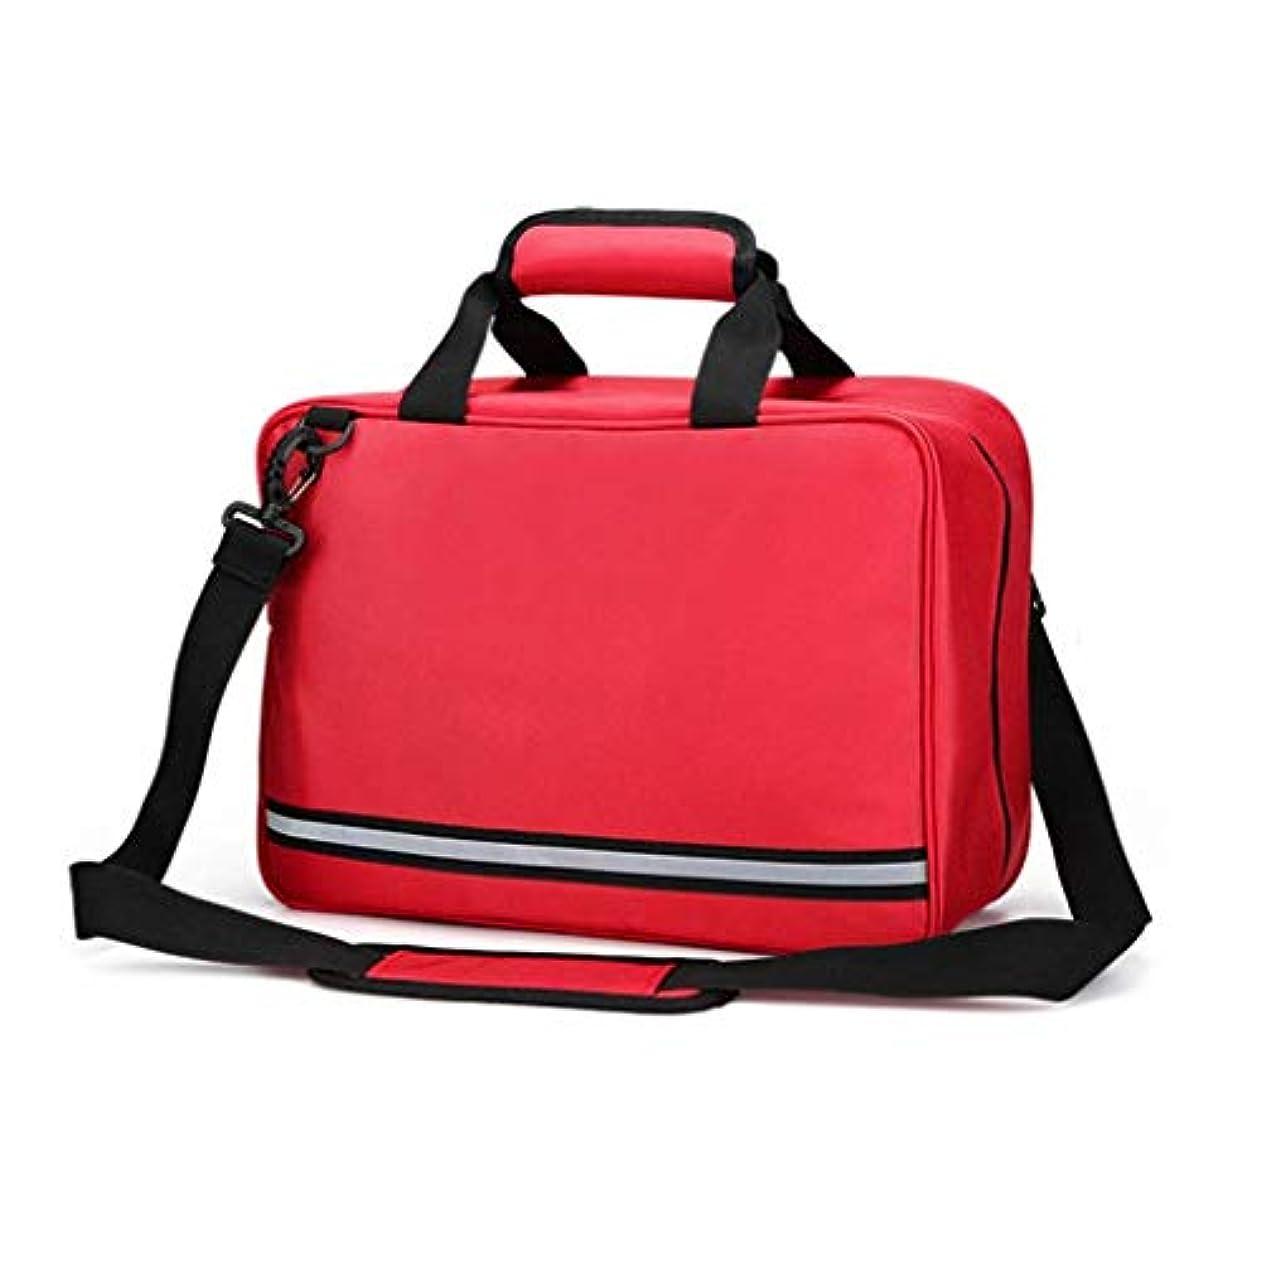 寛大さ規定麻痺HEMFV 屋外の家の存続のための救急箱の医学袋の空の携帯用袋 (Color : Red)